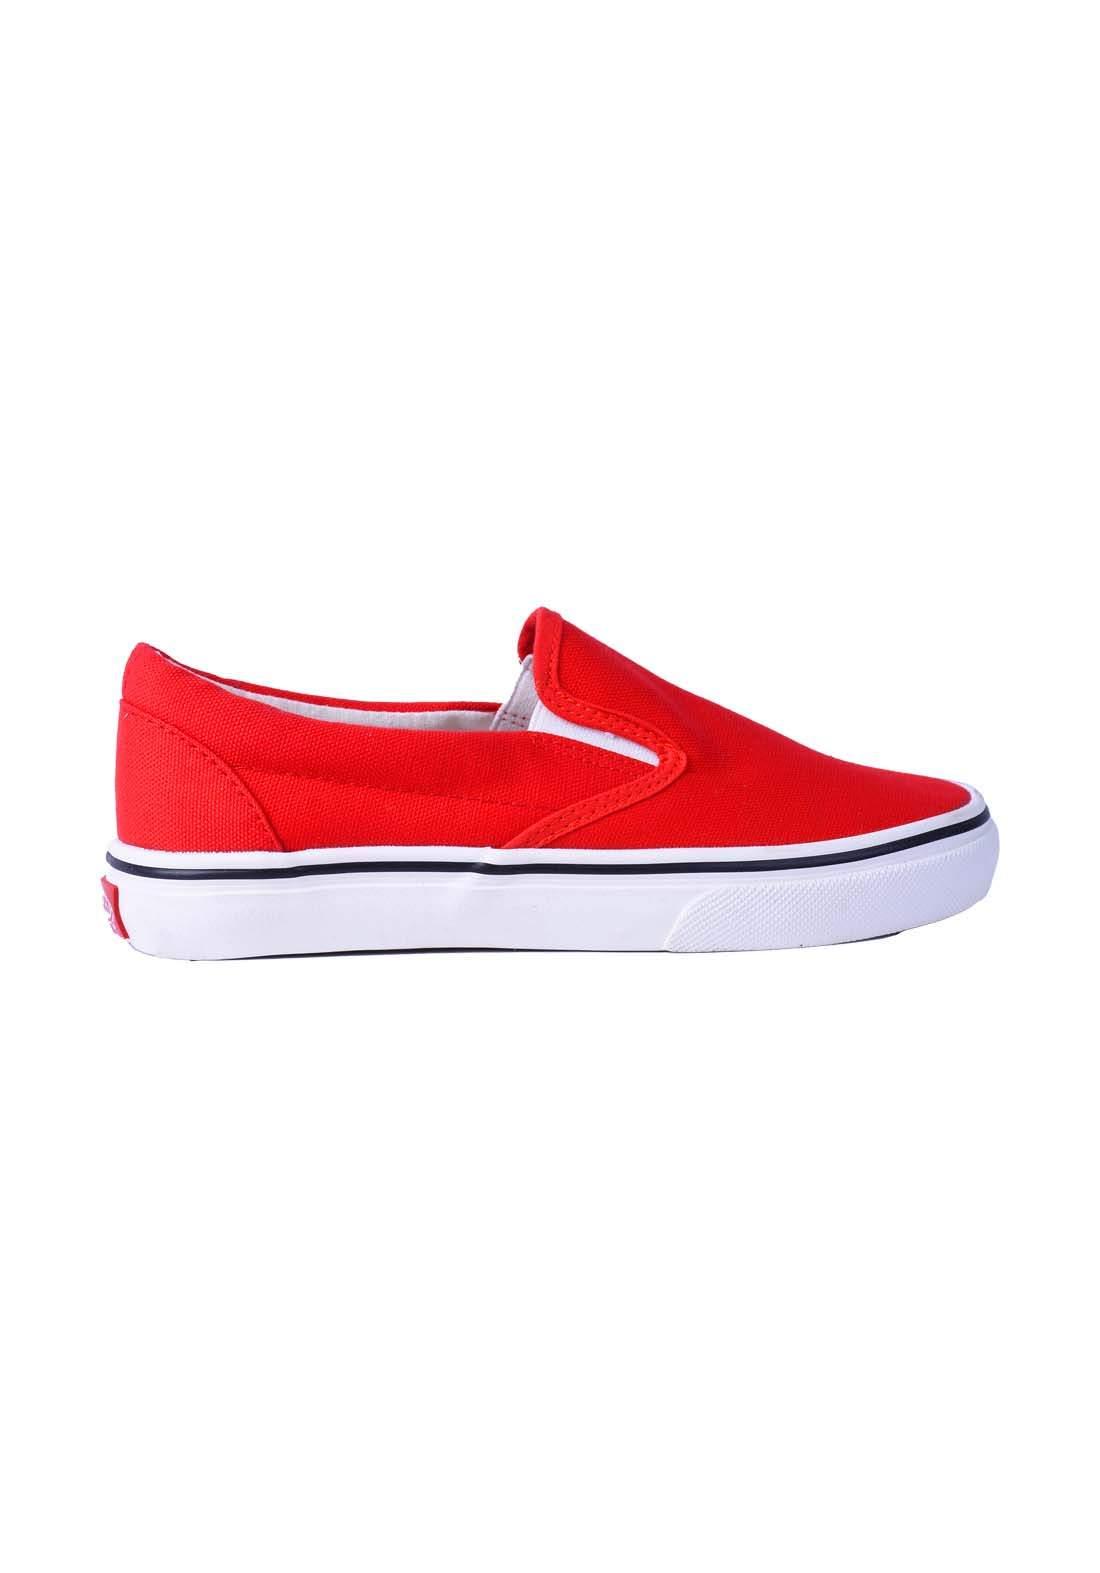 حذاء نسائي قماش احمر اللون